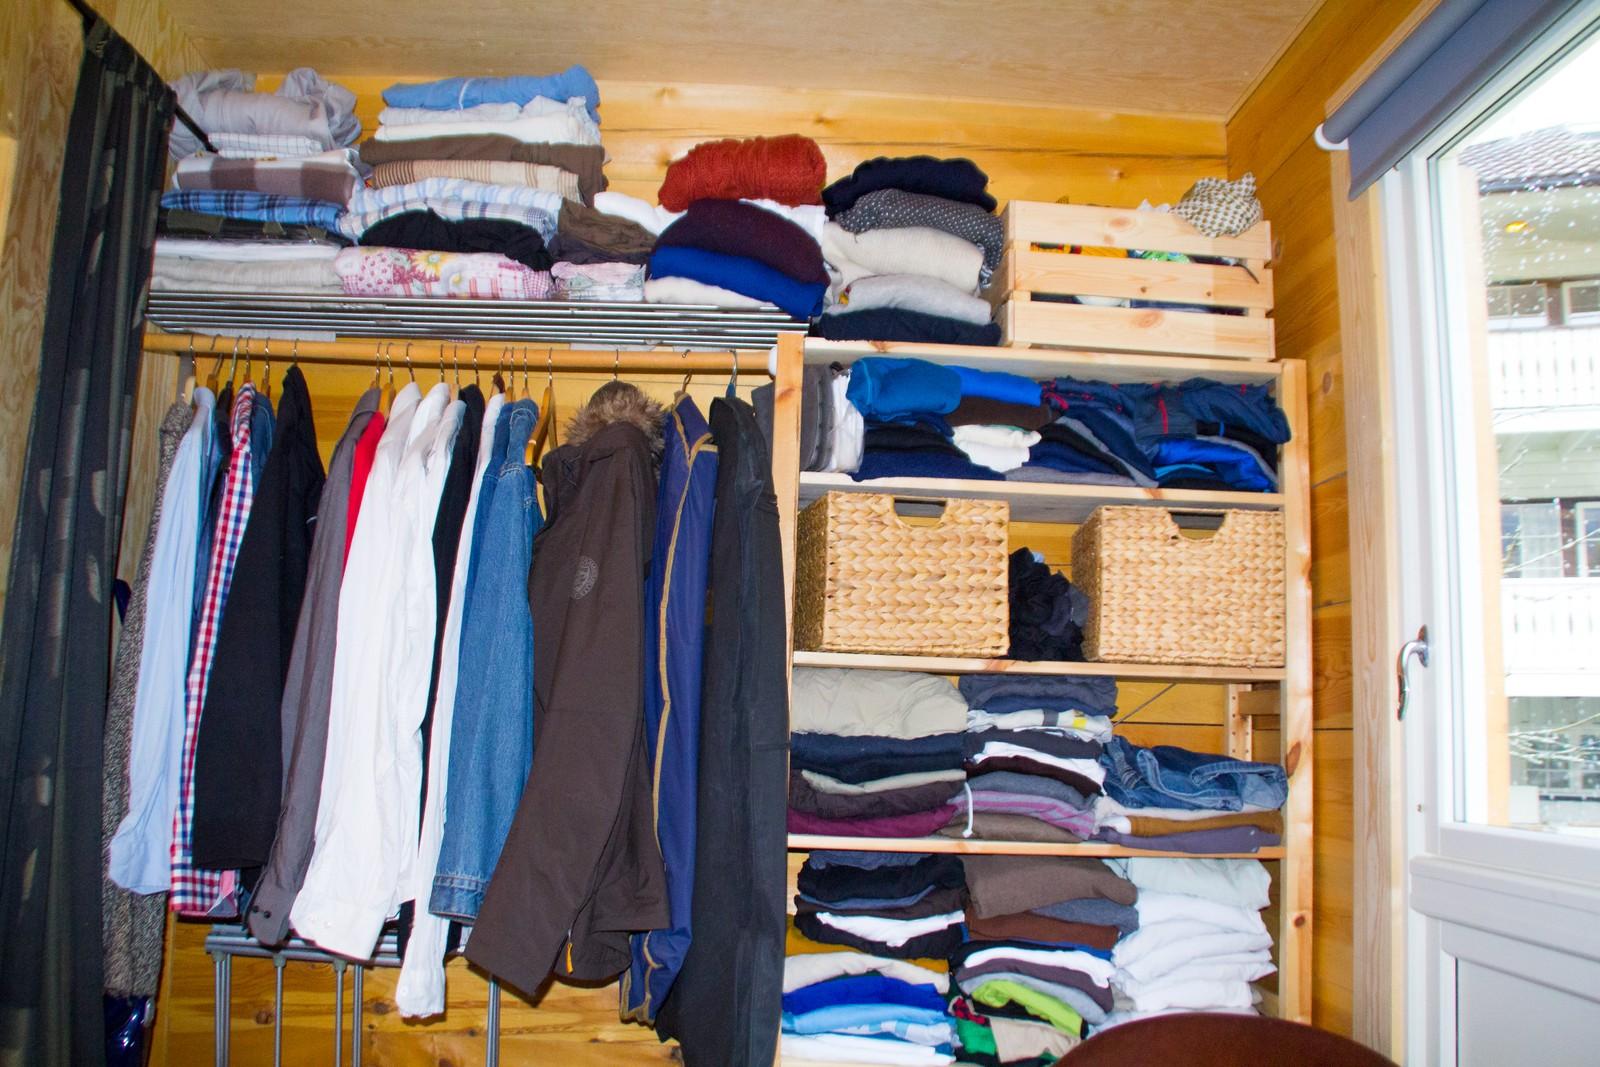 God organisering må til for å få plass til dei klea ein vil ha når du bur i minihus.